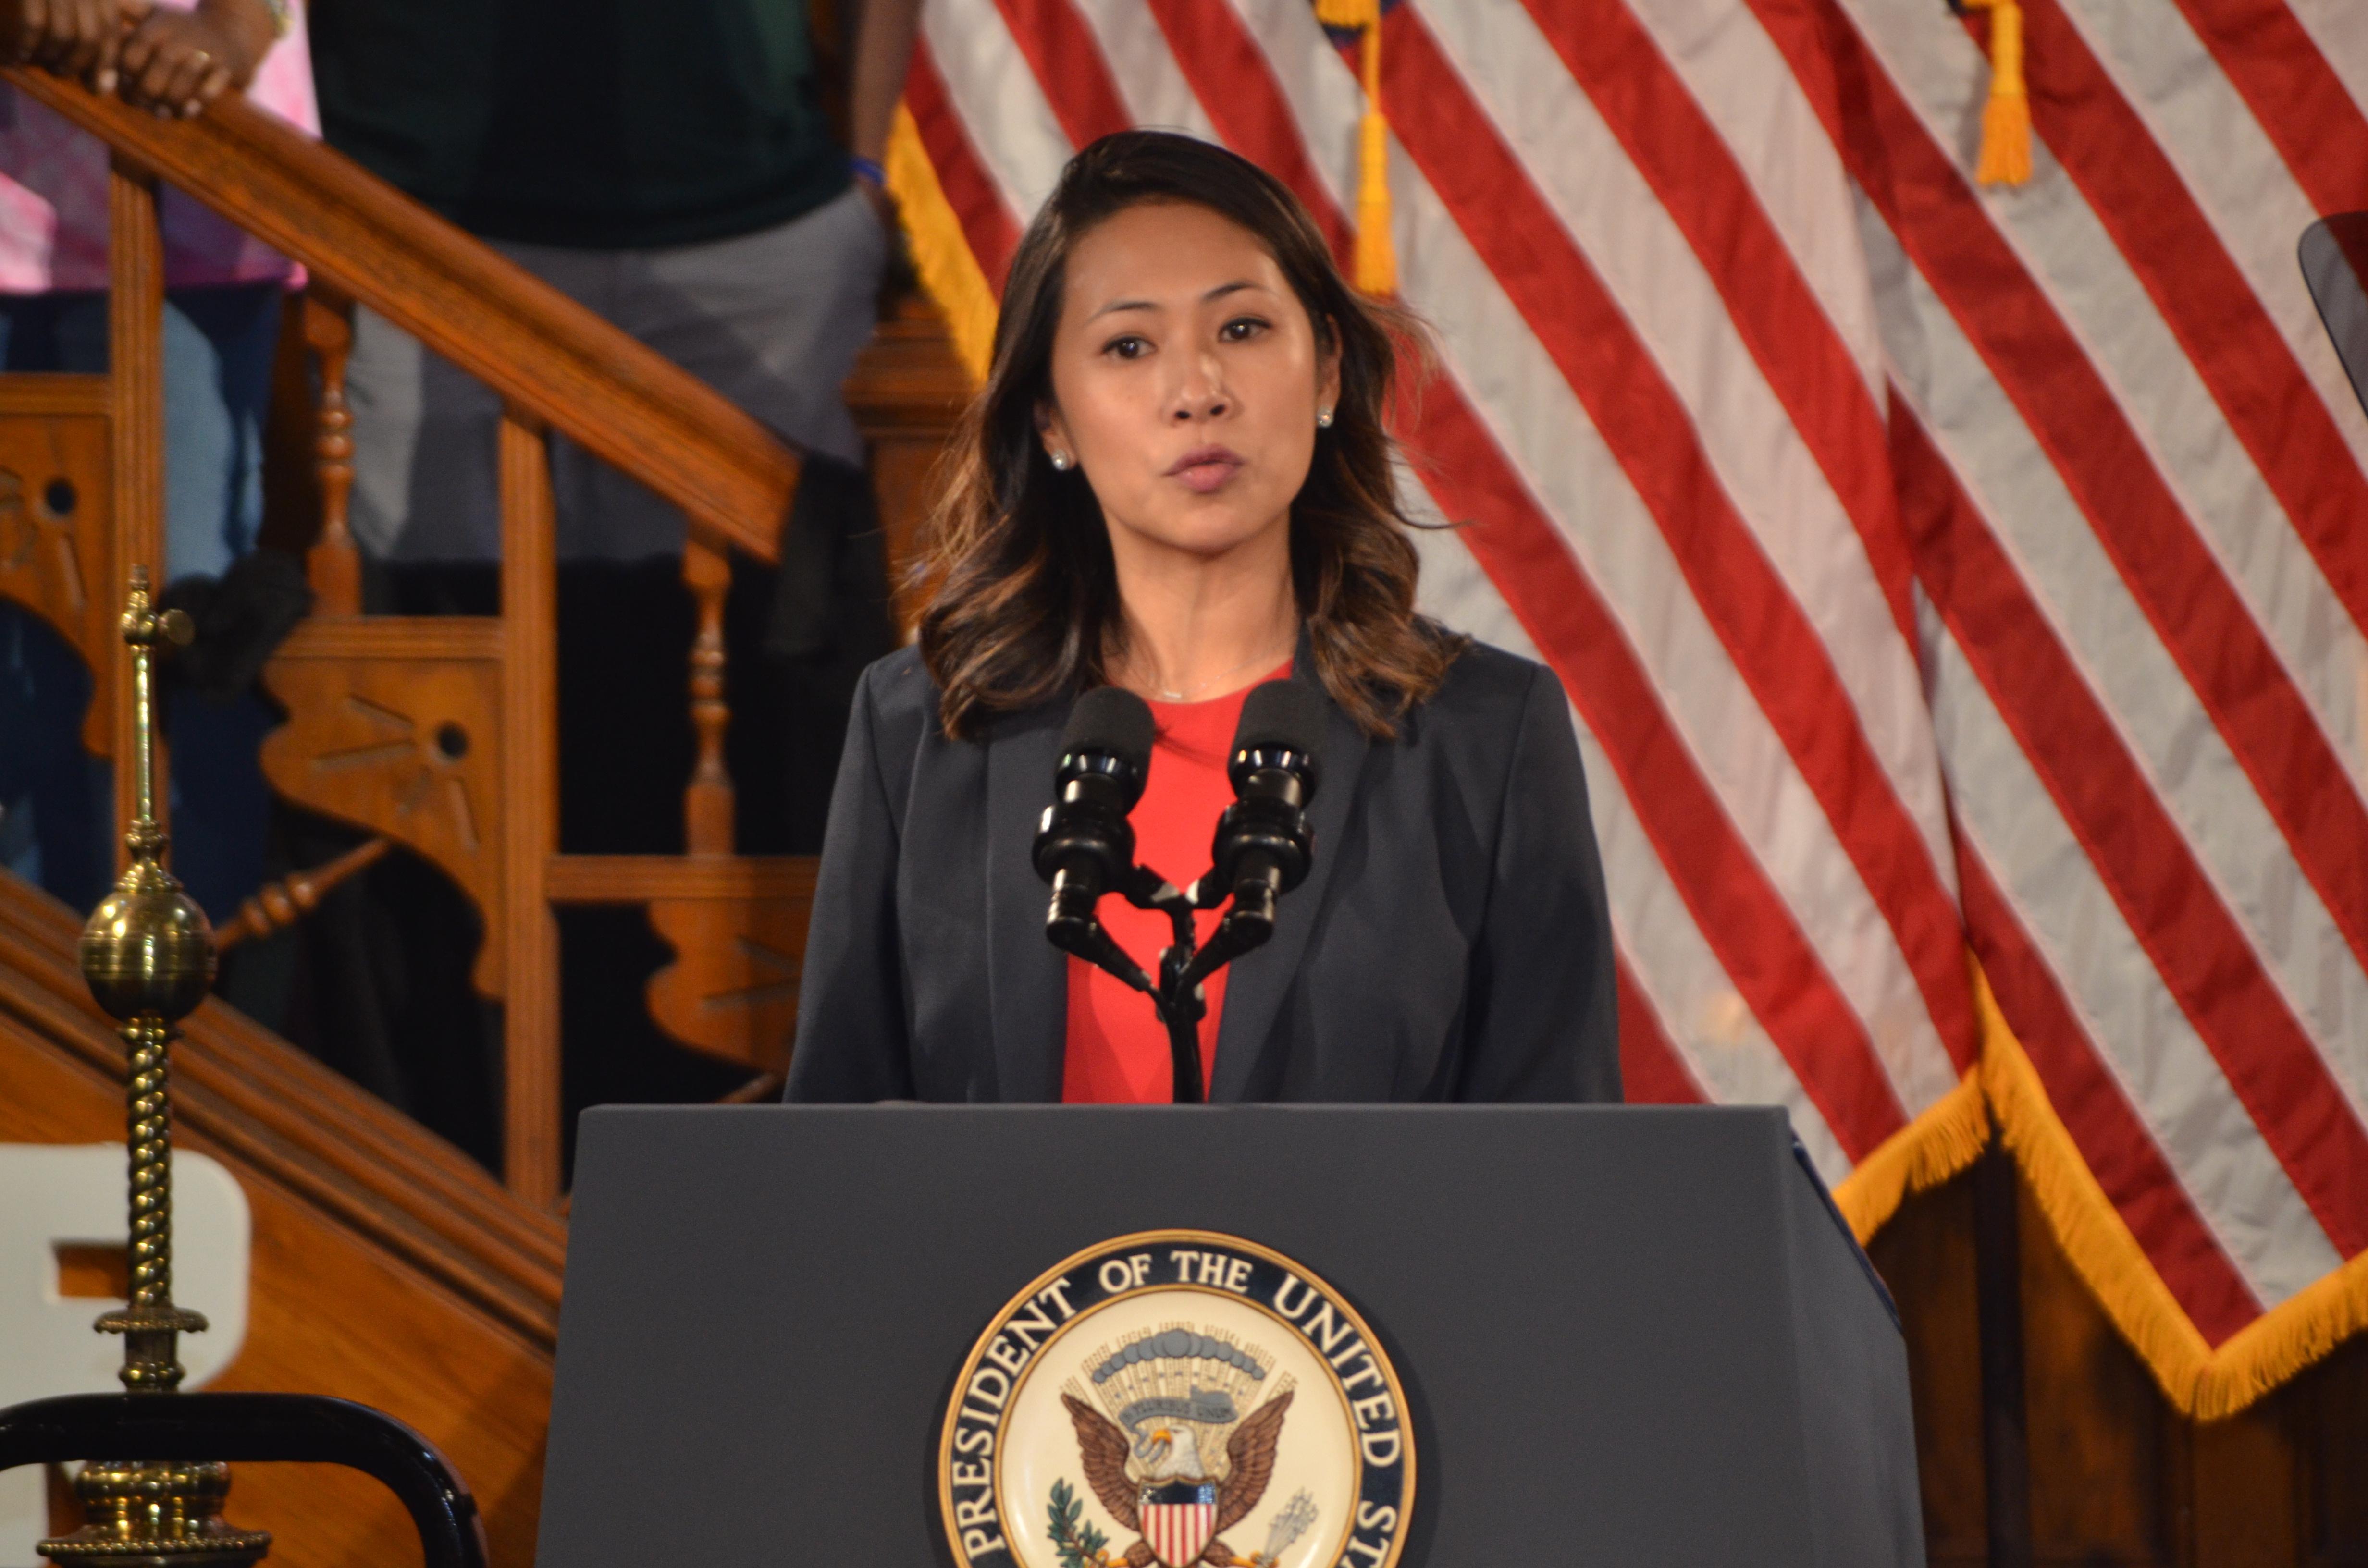 Bà Stephanie Murphy trở thành phụ nữ gốc Việt đầu tiên trong lịch sử vào Quốc Hội Hoa Kỳ